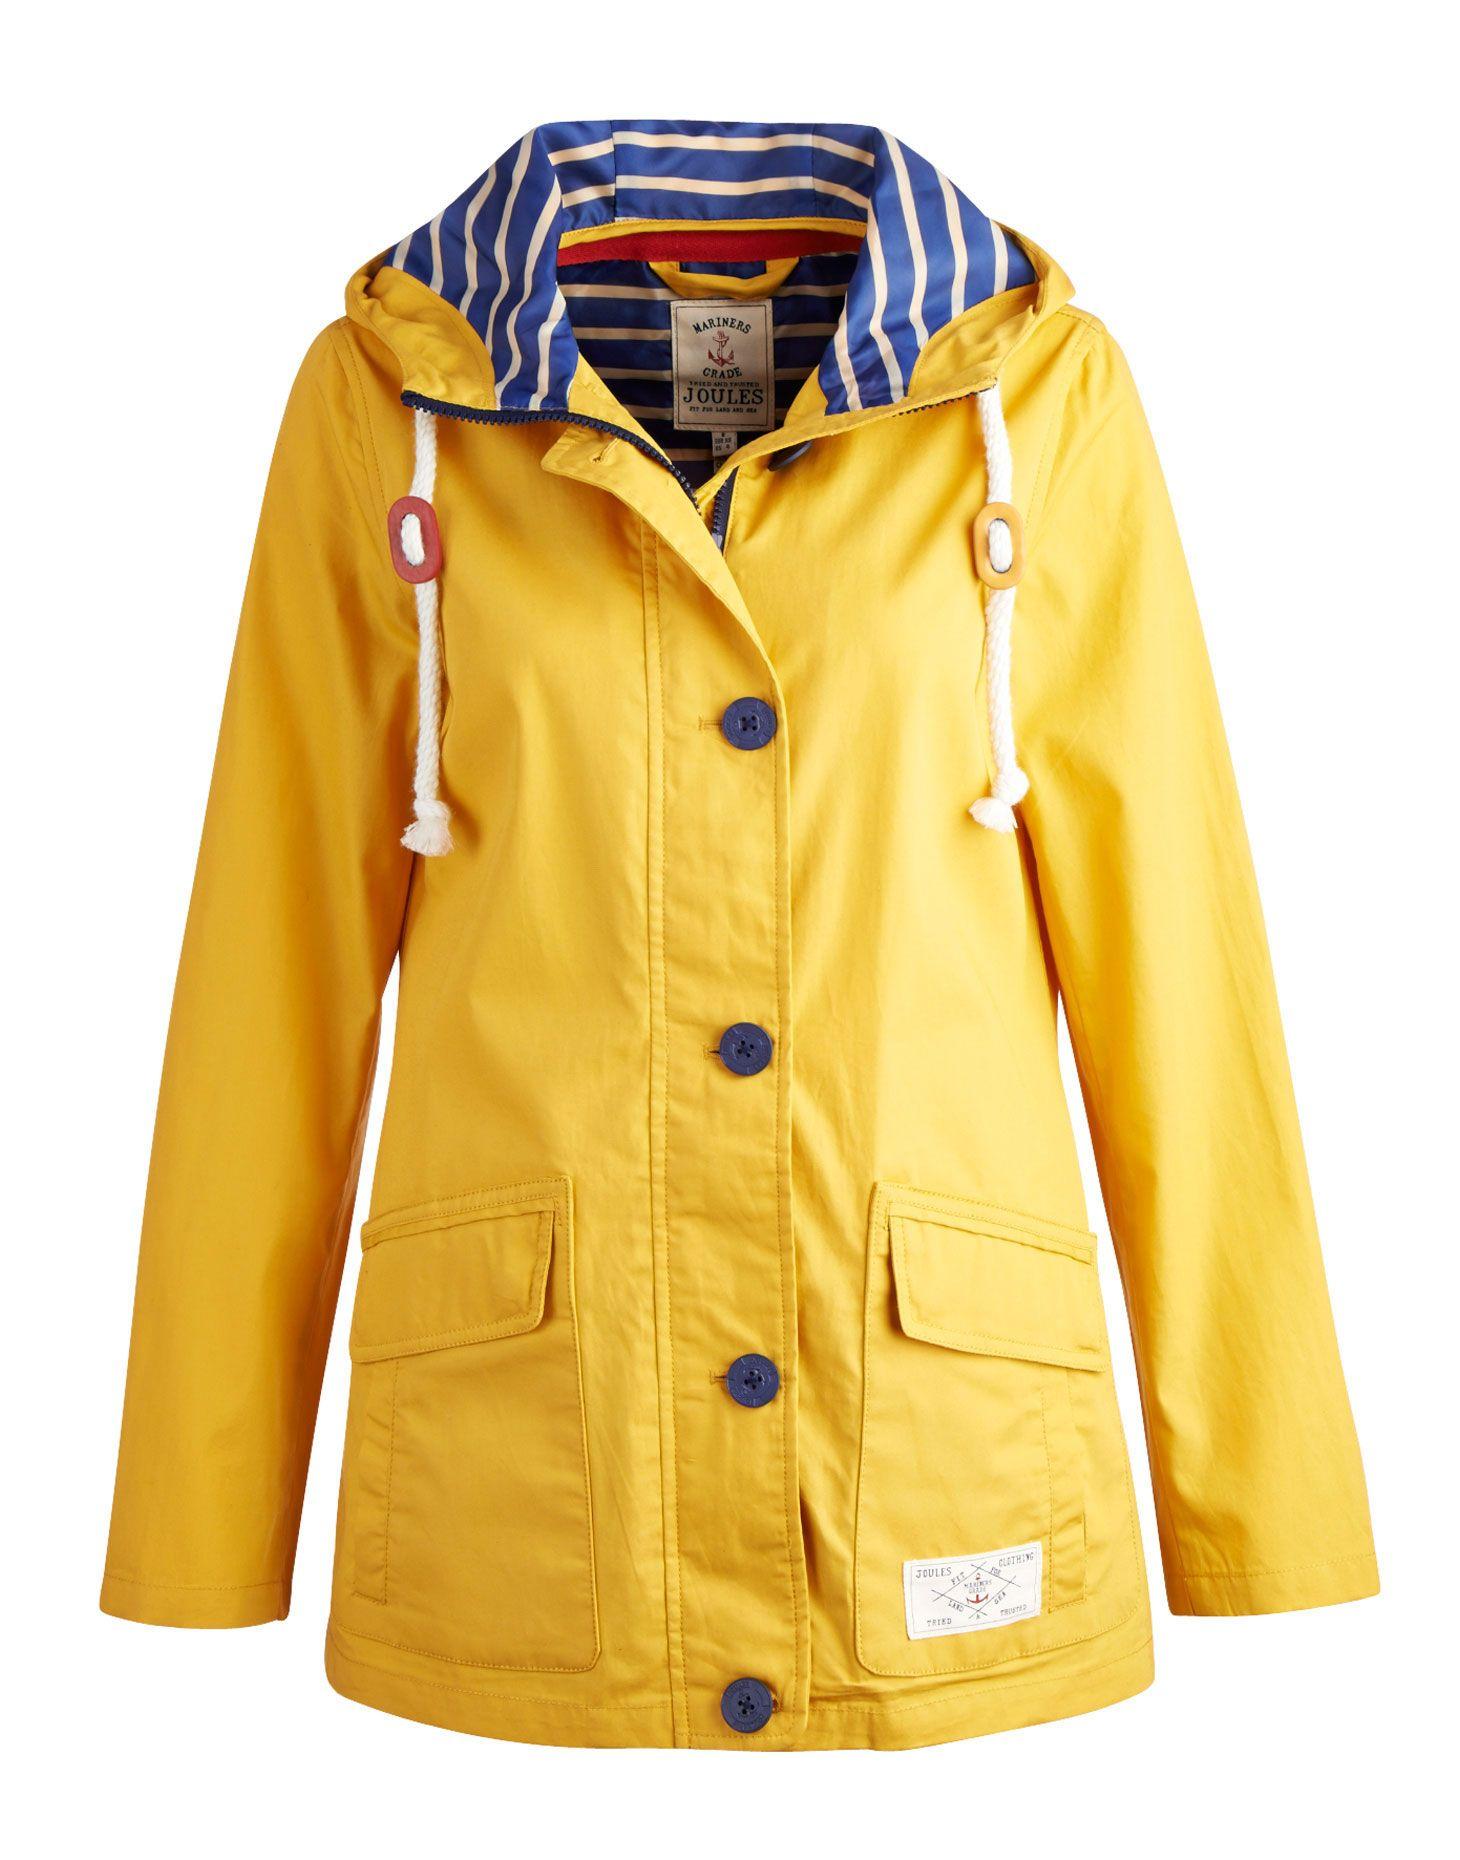 Mens Fisherman Yellow Raincoat